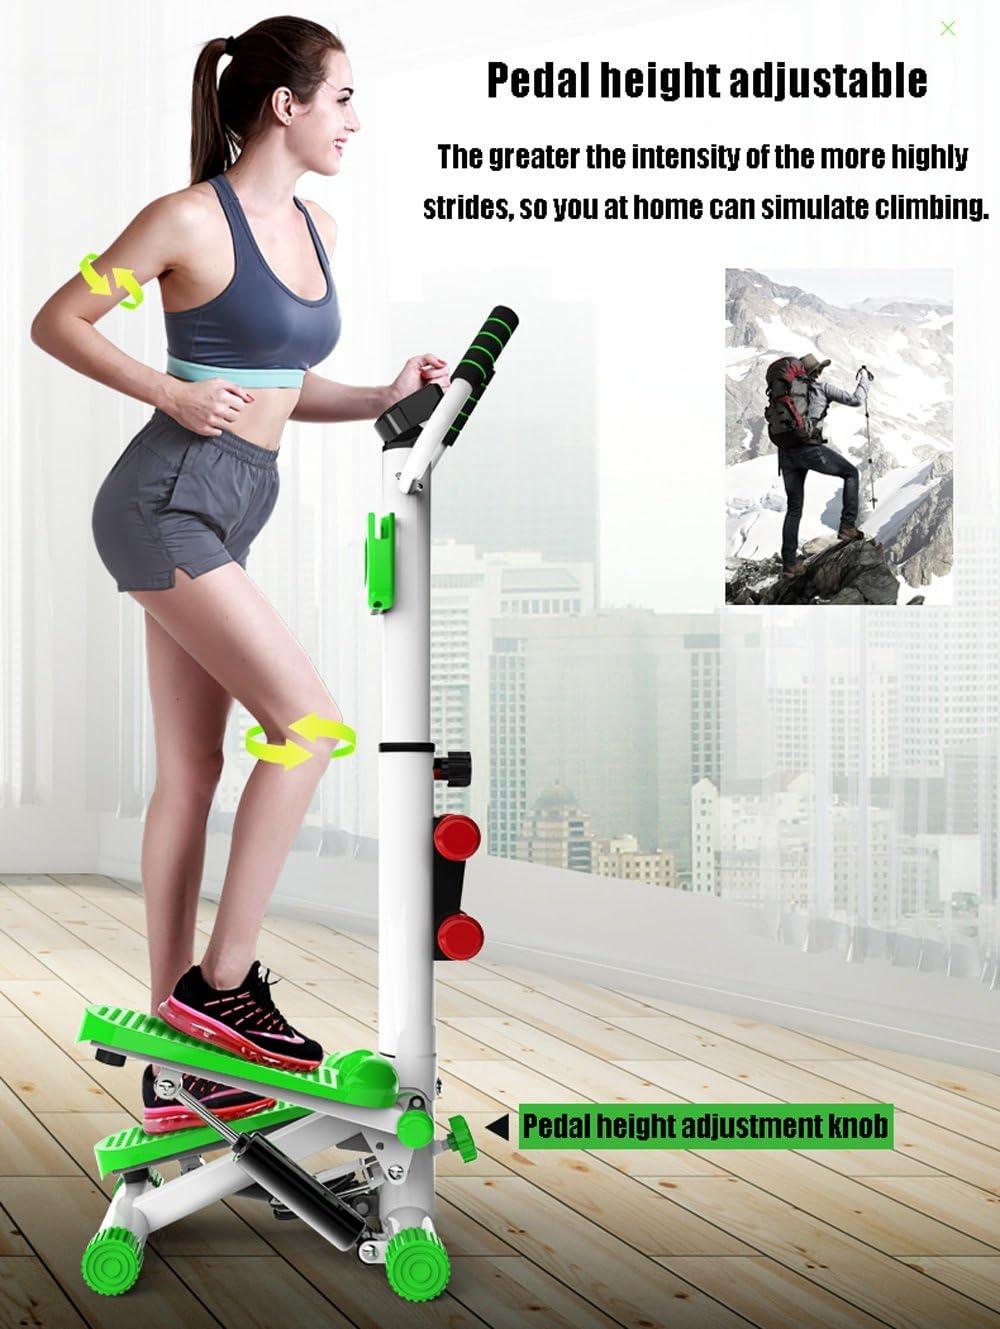 Verde//Negro Equipo Multifuncional de Ejercicios for el Gimnasio con pie TSDS Equipo Deportivo m/áquina for Hacer Ejercicio en Interiores con apoyabrazos P/érdida de Peso